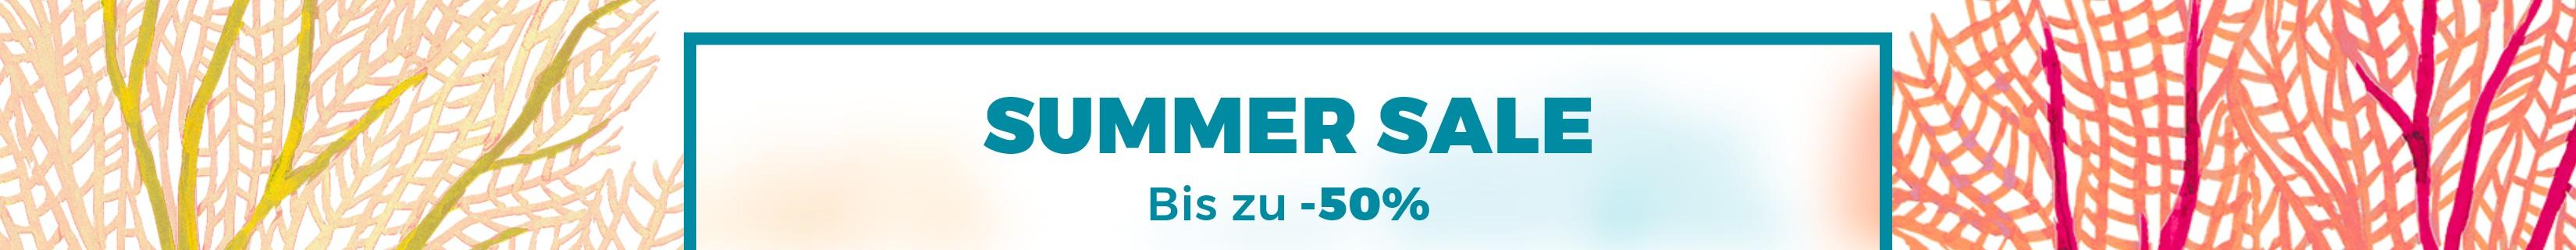 SUMMER SALES RABATTE BIS ZU -50% ENDET AM 31.07